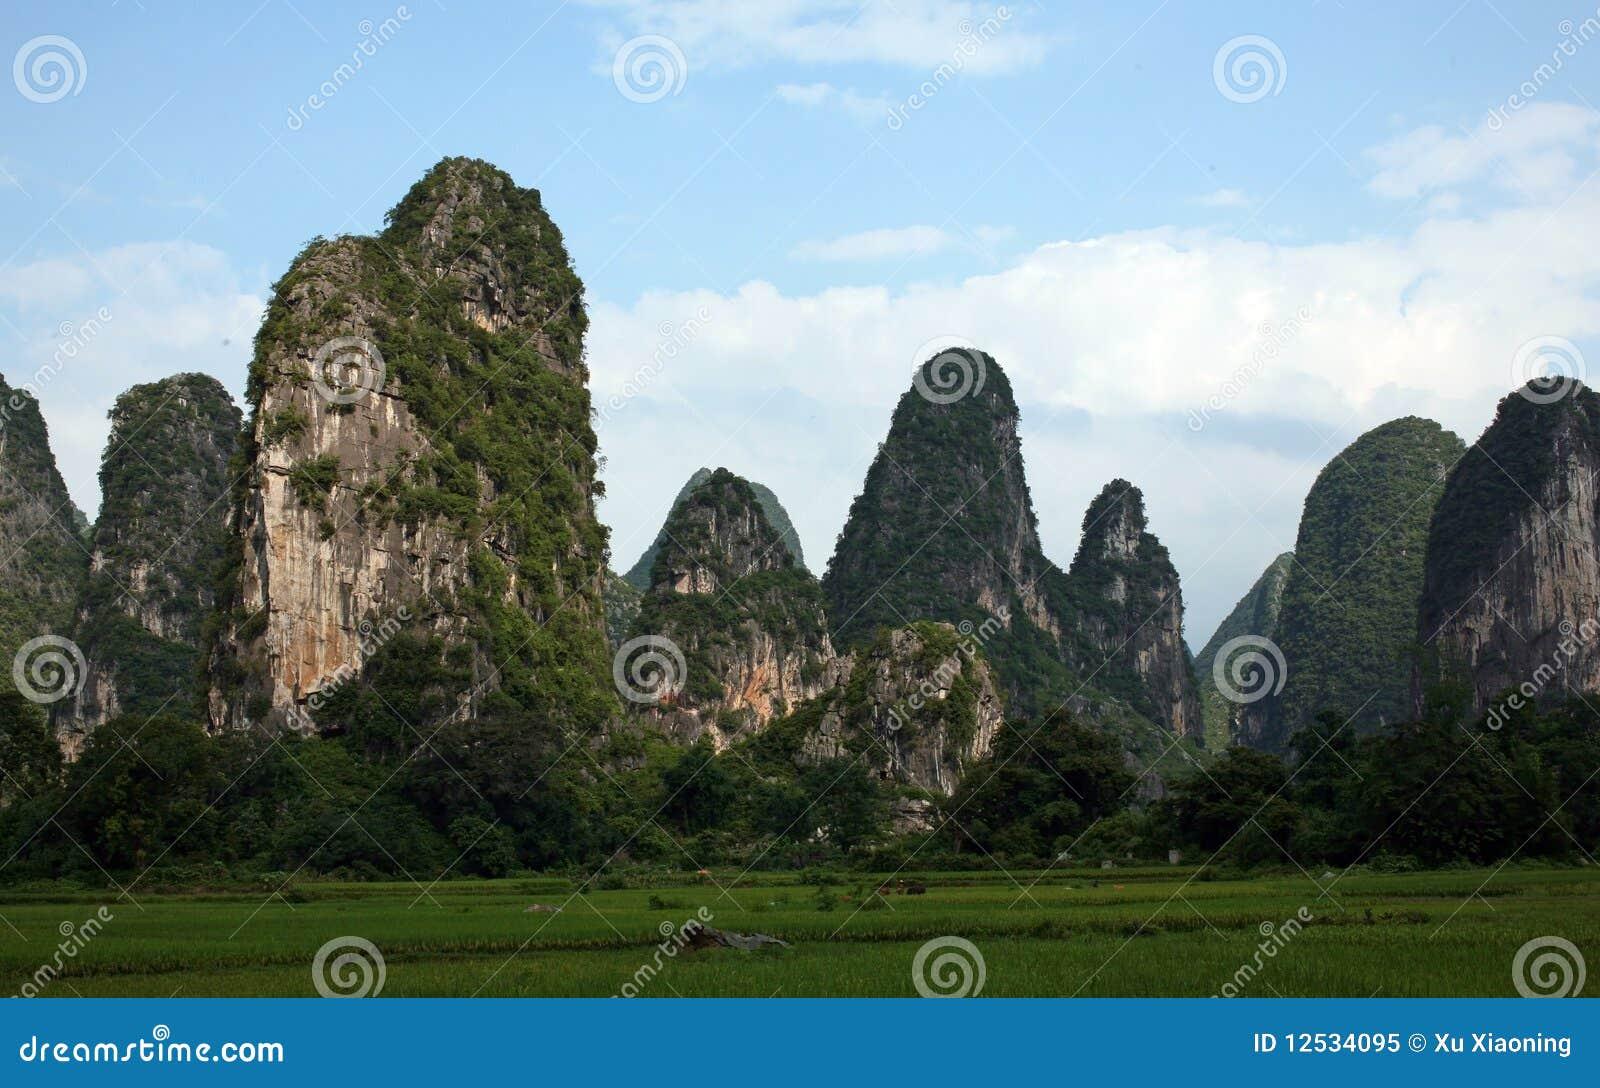 Guilin landscapes